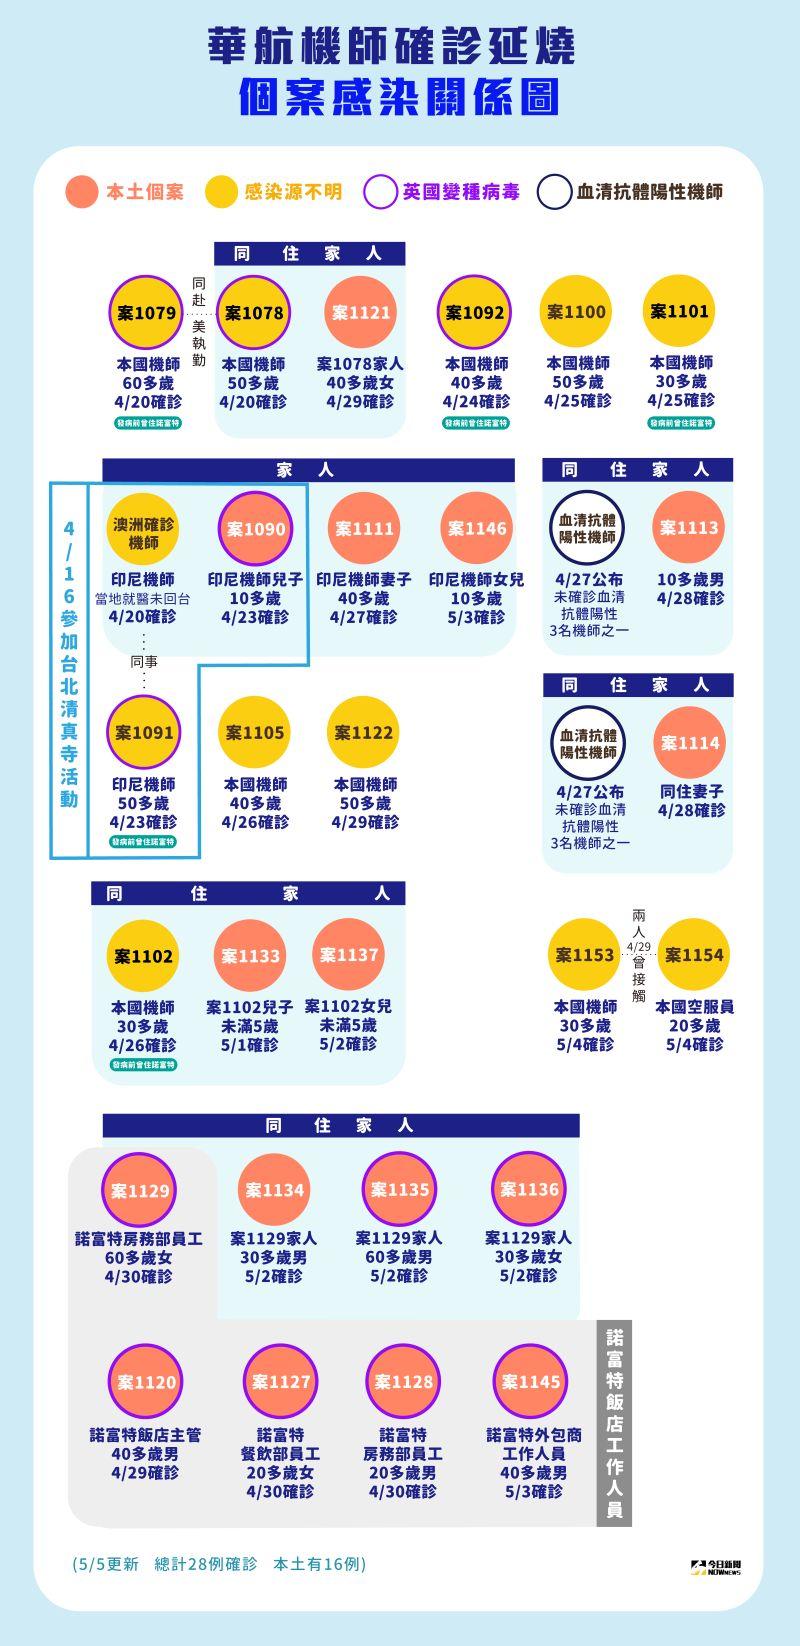 ▲華航諾富特飯店機師染疫關係圖。(圖/NOWnews製作)